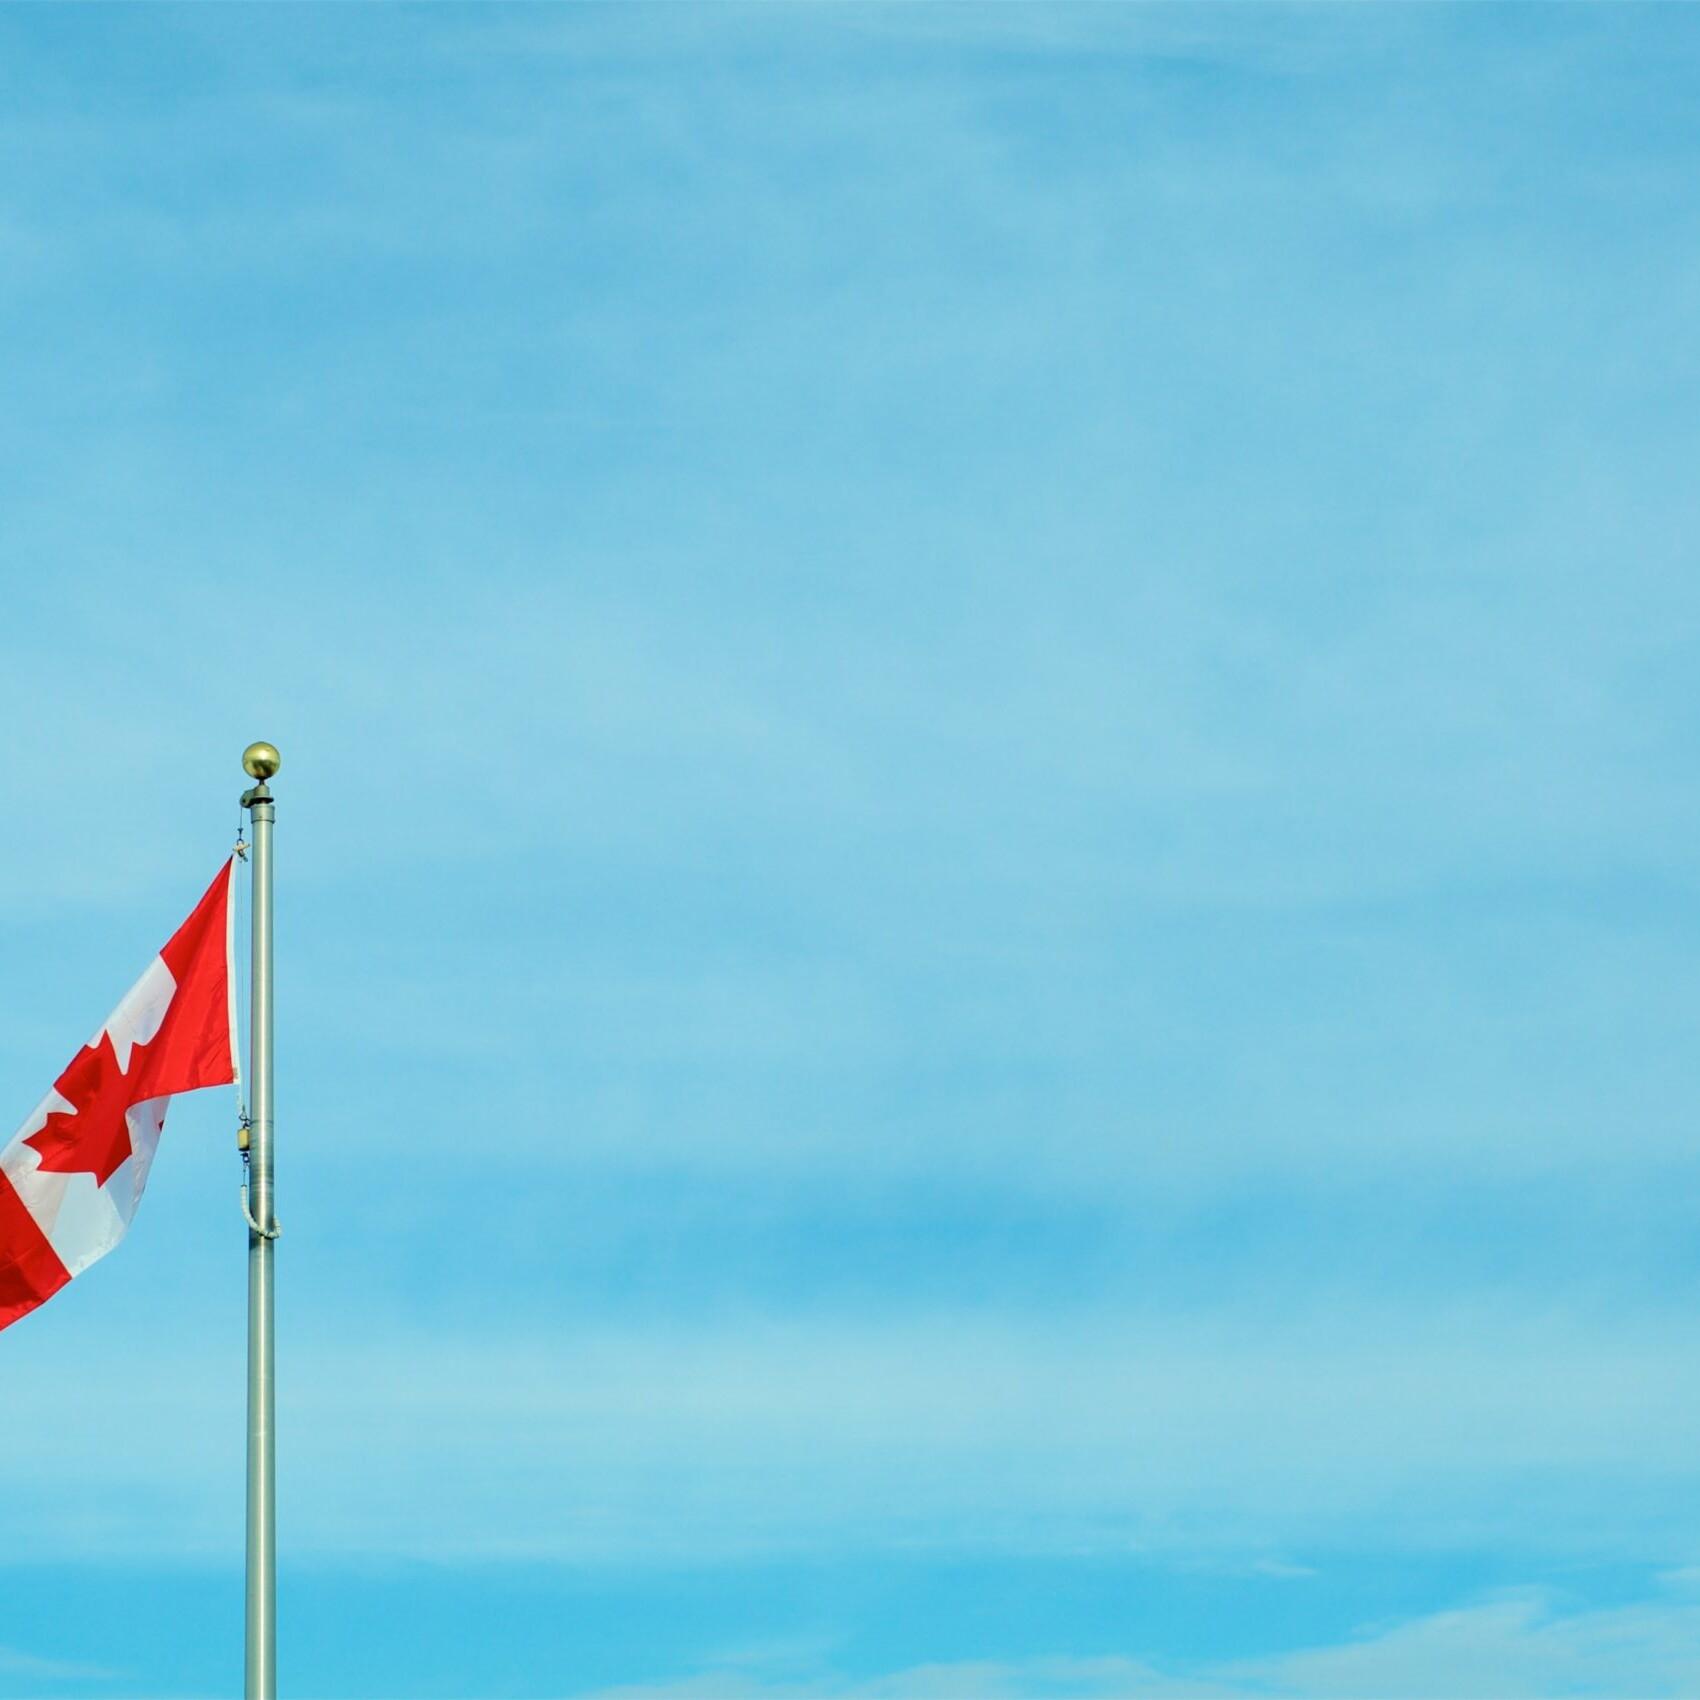 Canadian flag against blue sky.